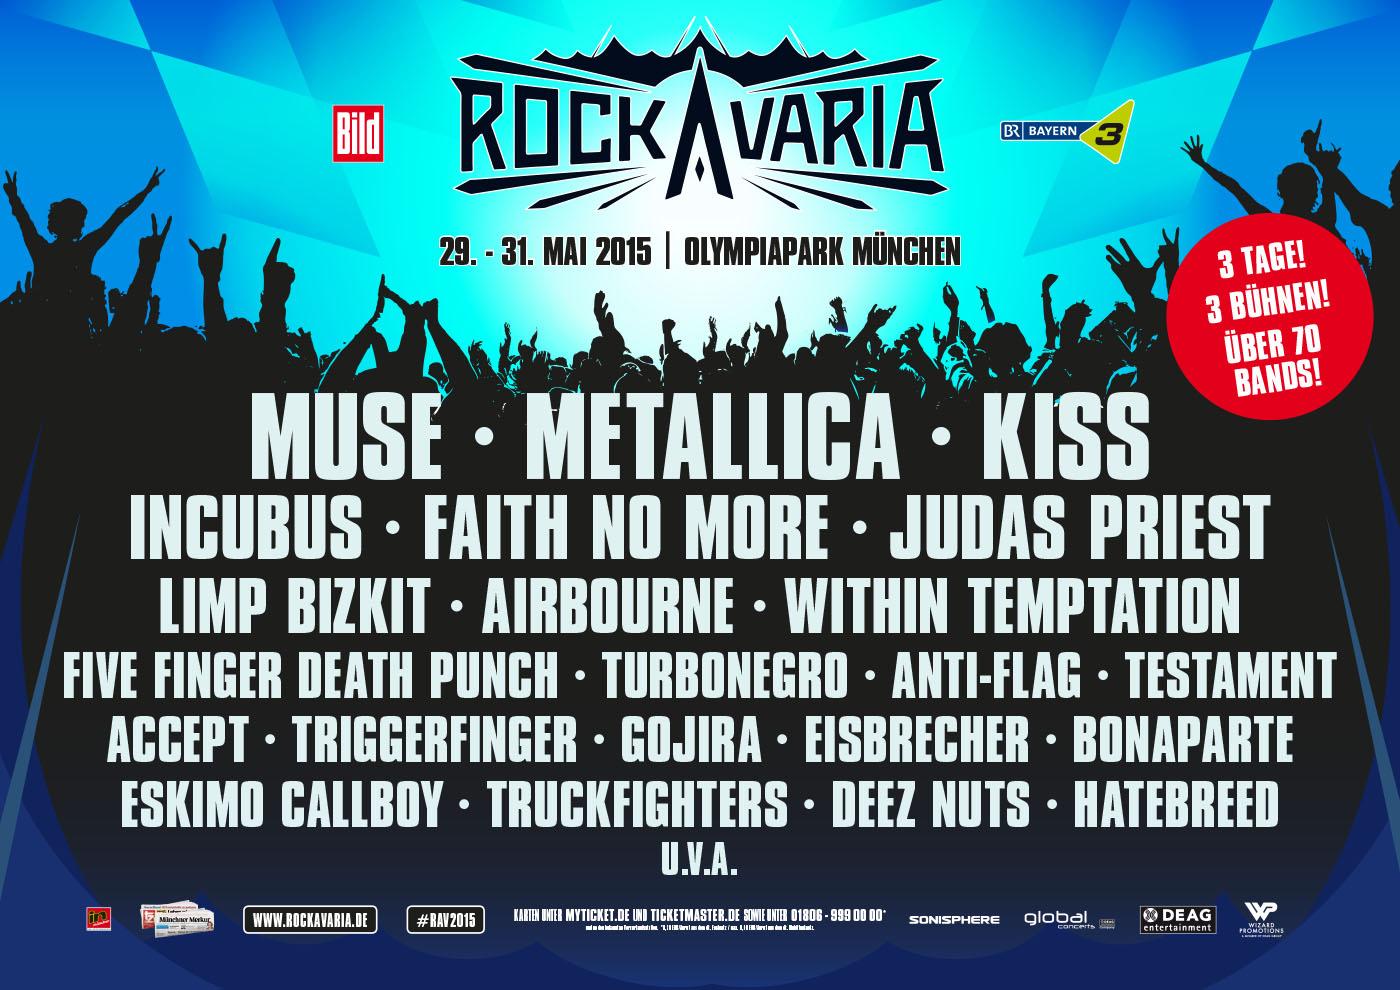 Rockavaria: Die Bands